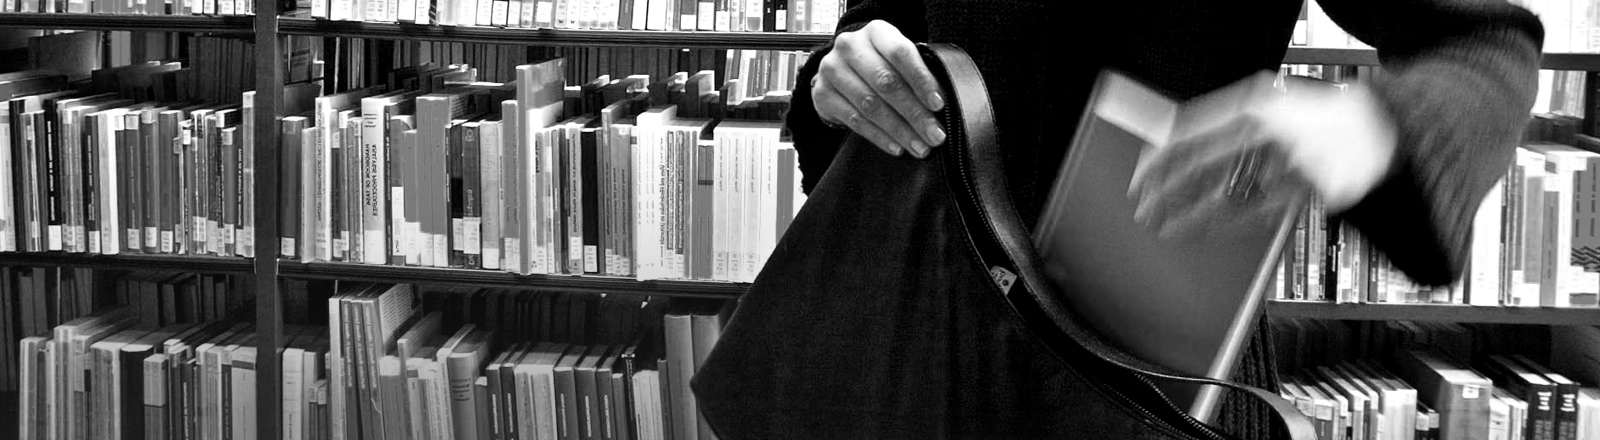 Eine Frau steckt in einer Bibliothek ein Buch in ihre Tasche.